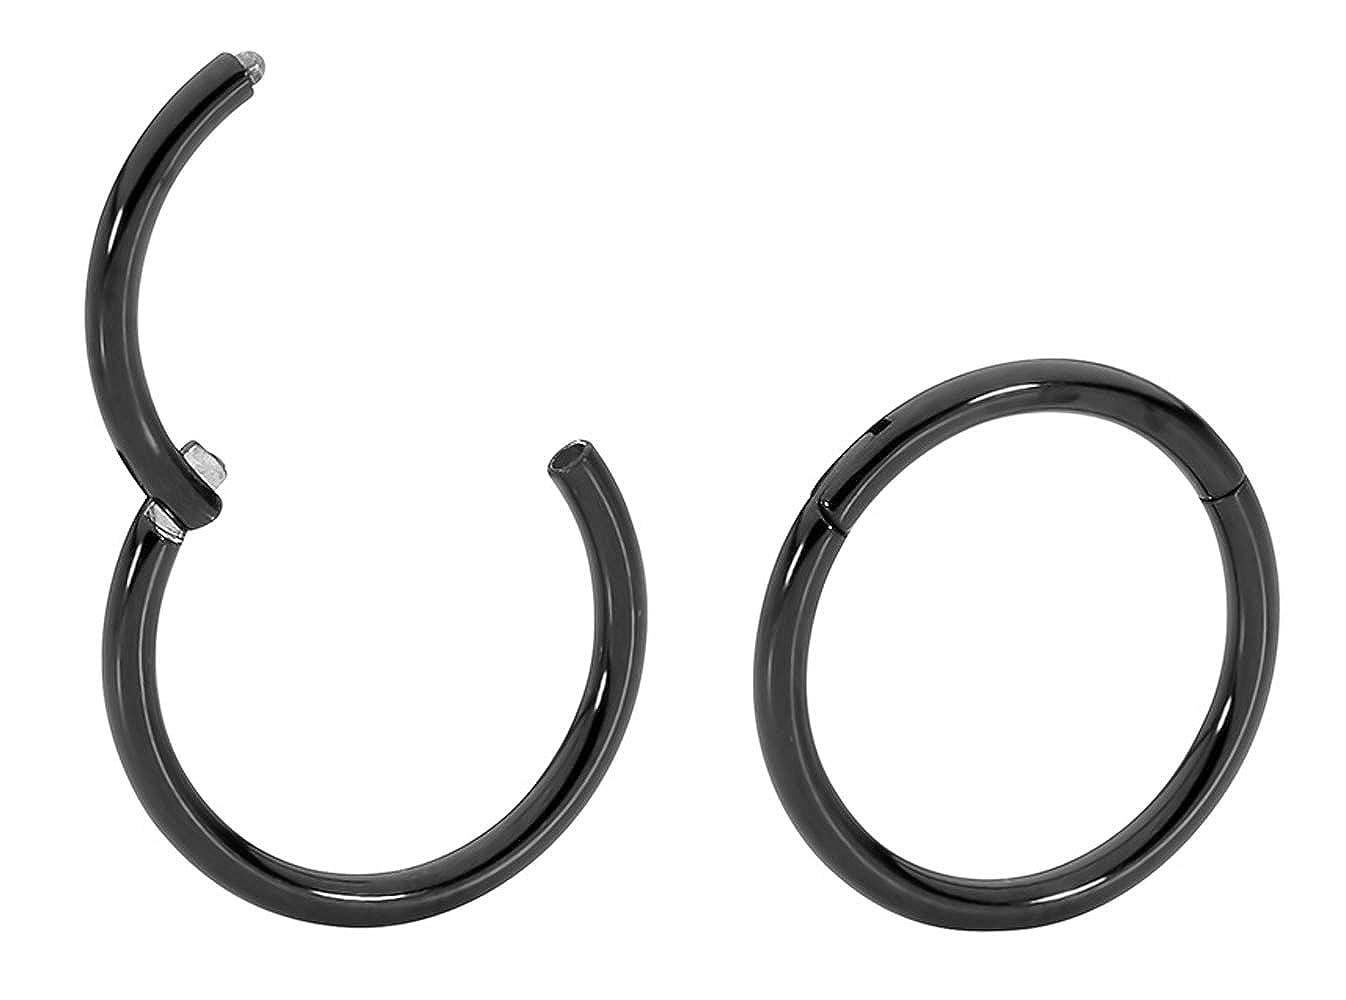 grosor del 18 Pendientes de aro fino de titanio diferentes medidas 365/Sleepers para orejas o agujeros en otras partes del cuerpo